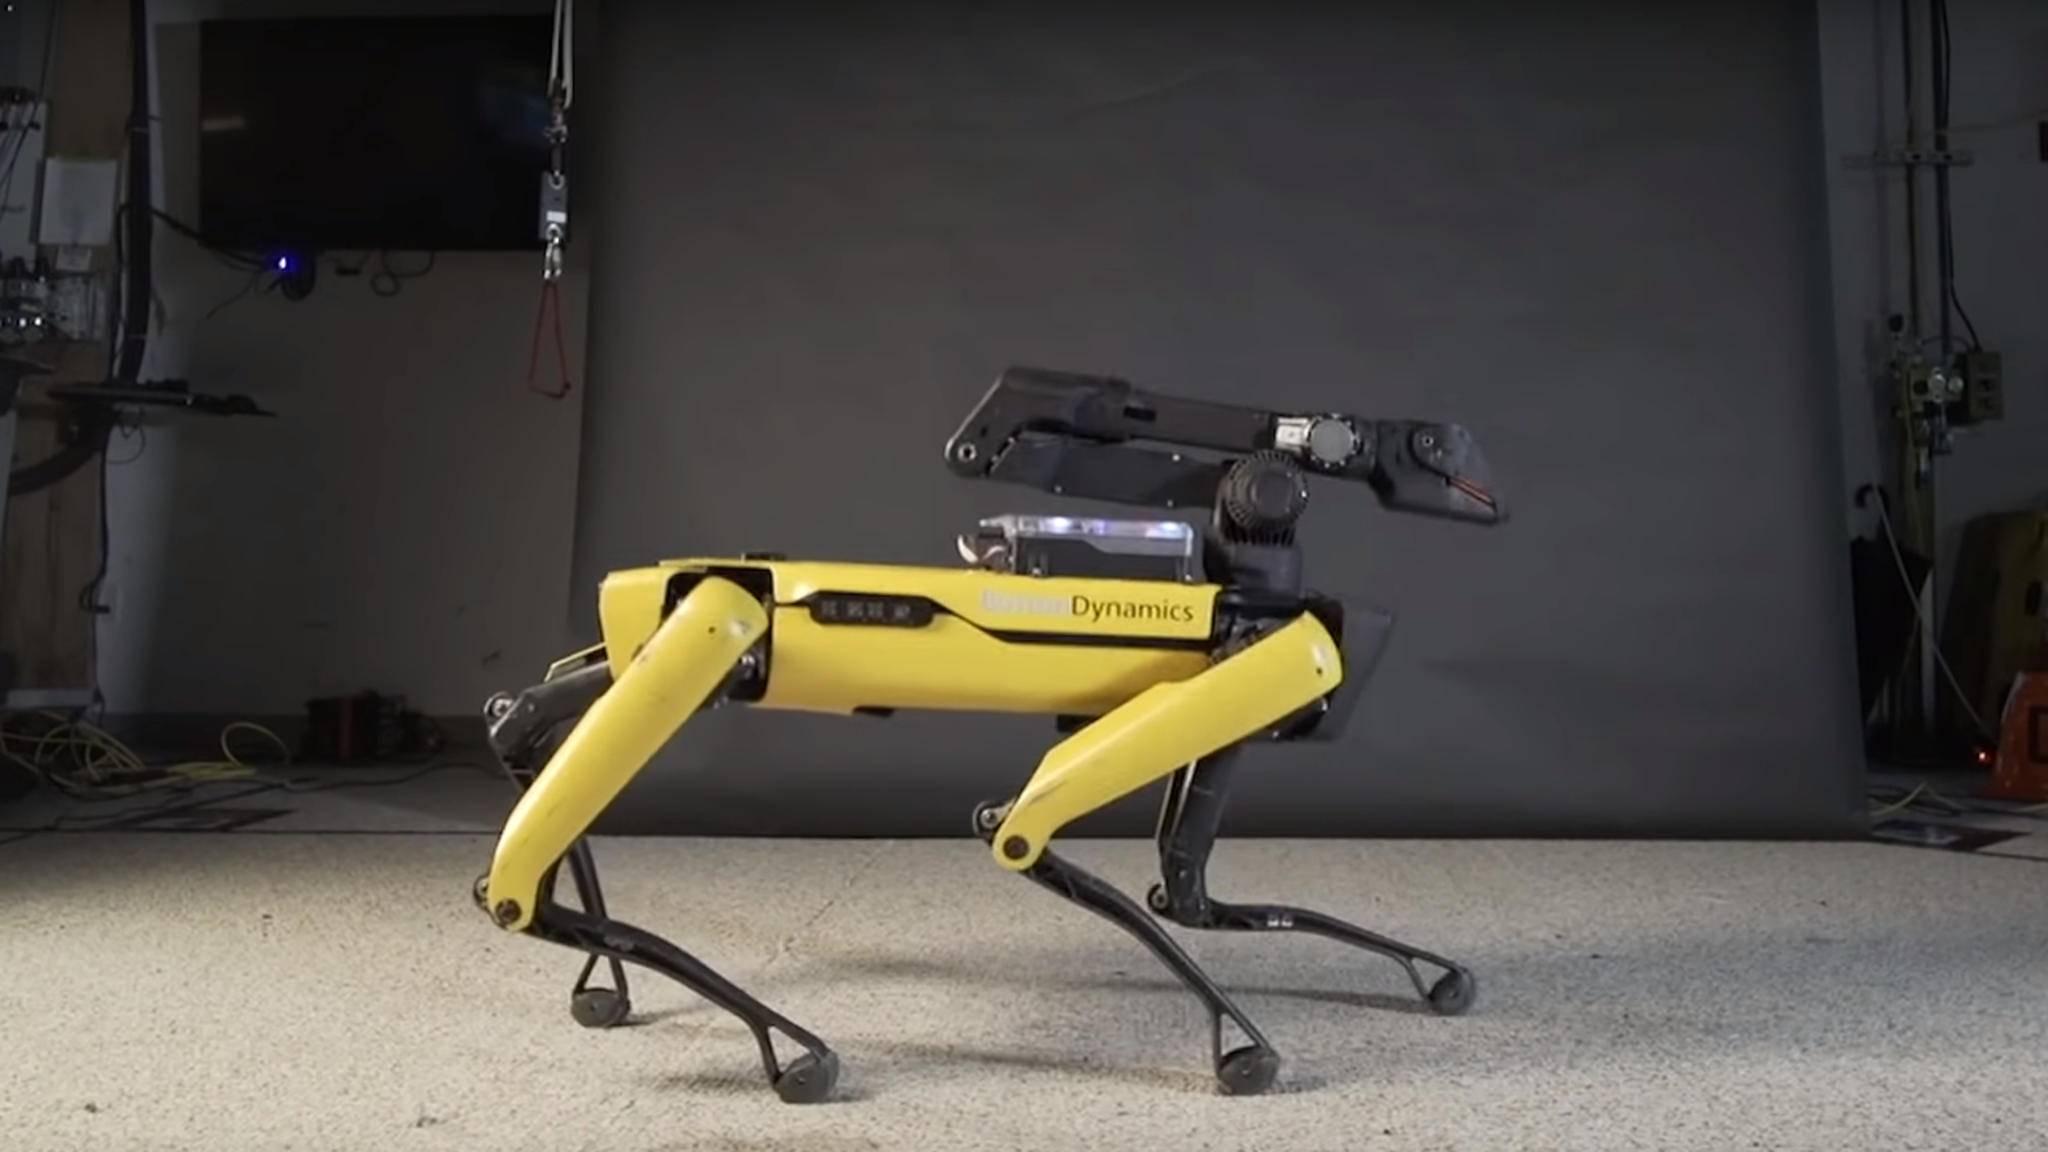 Den Roboterhund Spot gibt es bald zu kaufen